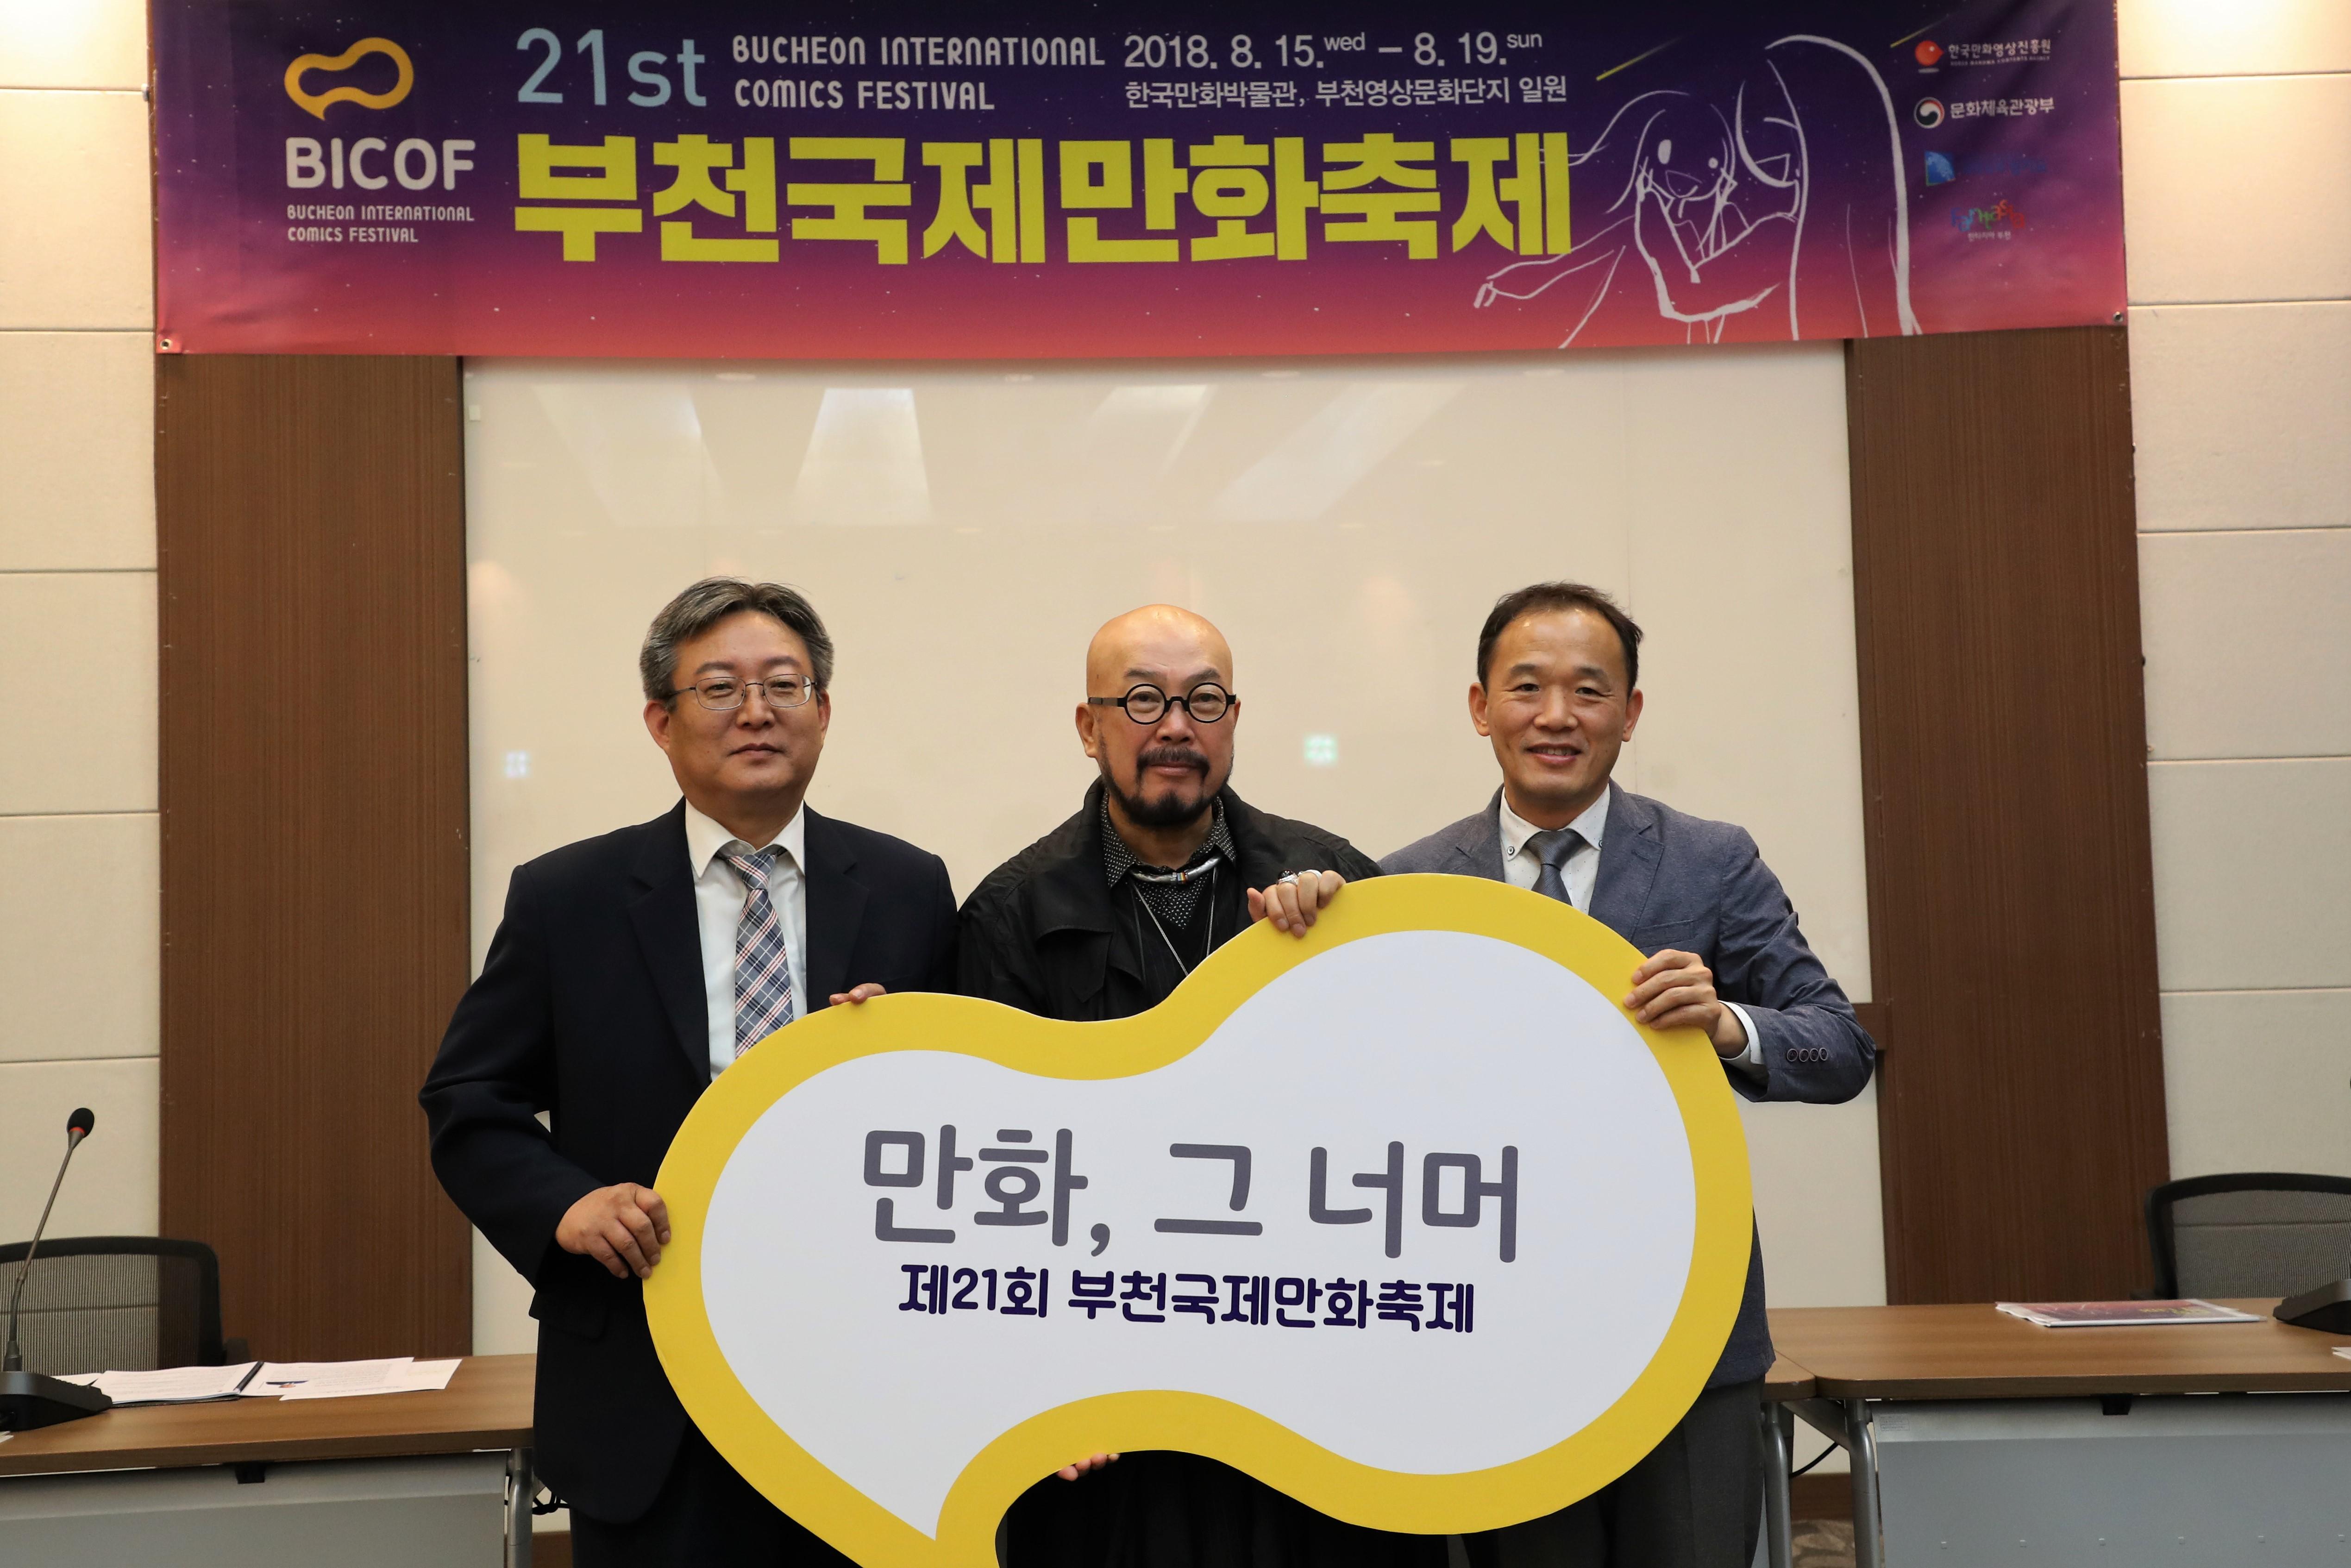 제21회 부천국제만화축제 부천 기자회견 현장